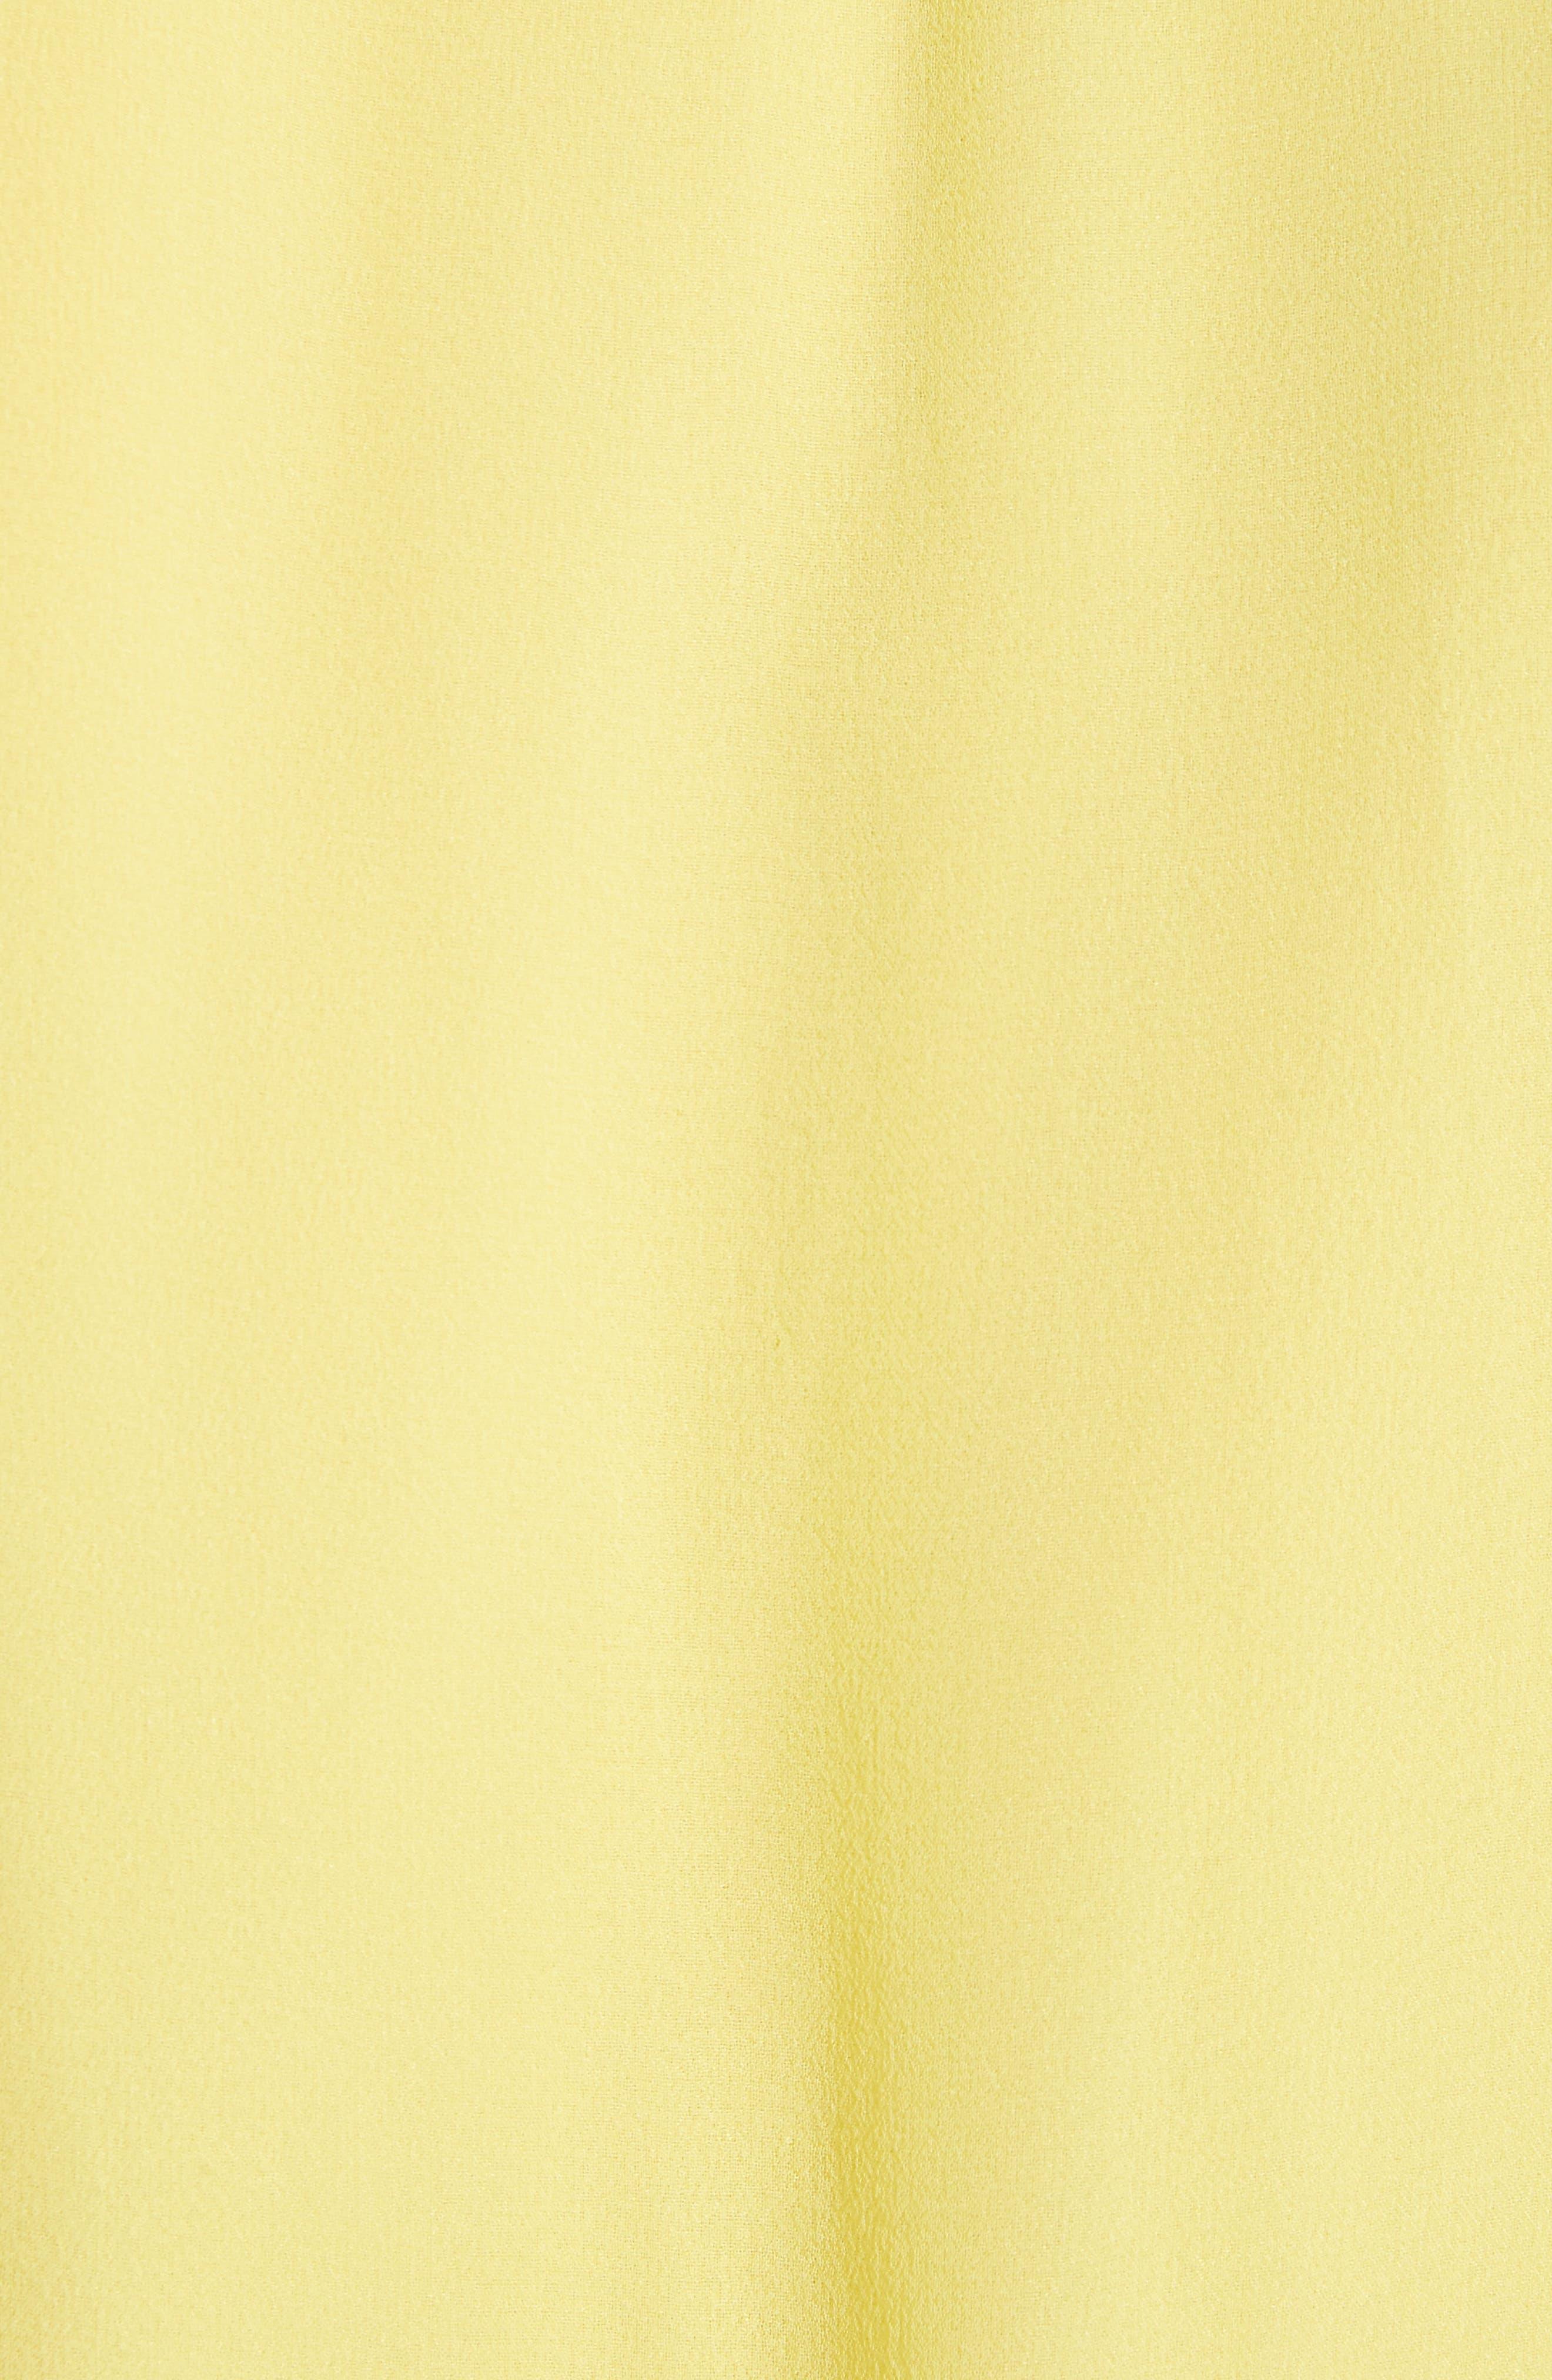 Trista Faux Wrap Silk Blouson Top,                             Alternate thumbnail 5, color,                             703